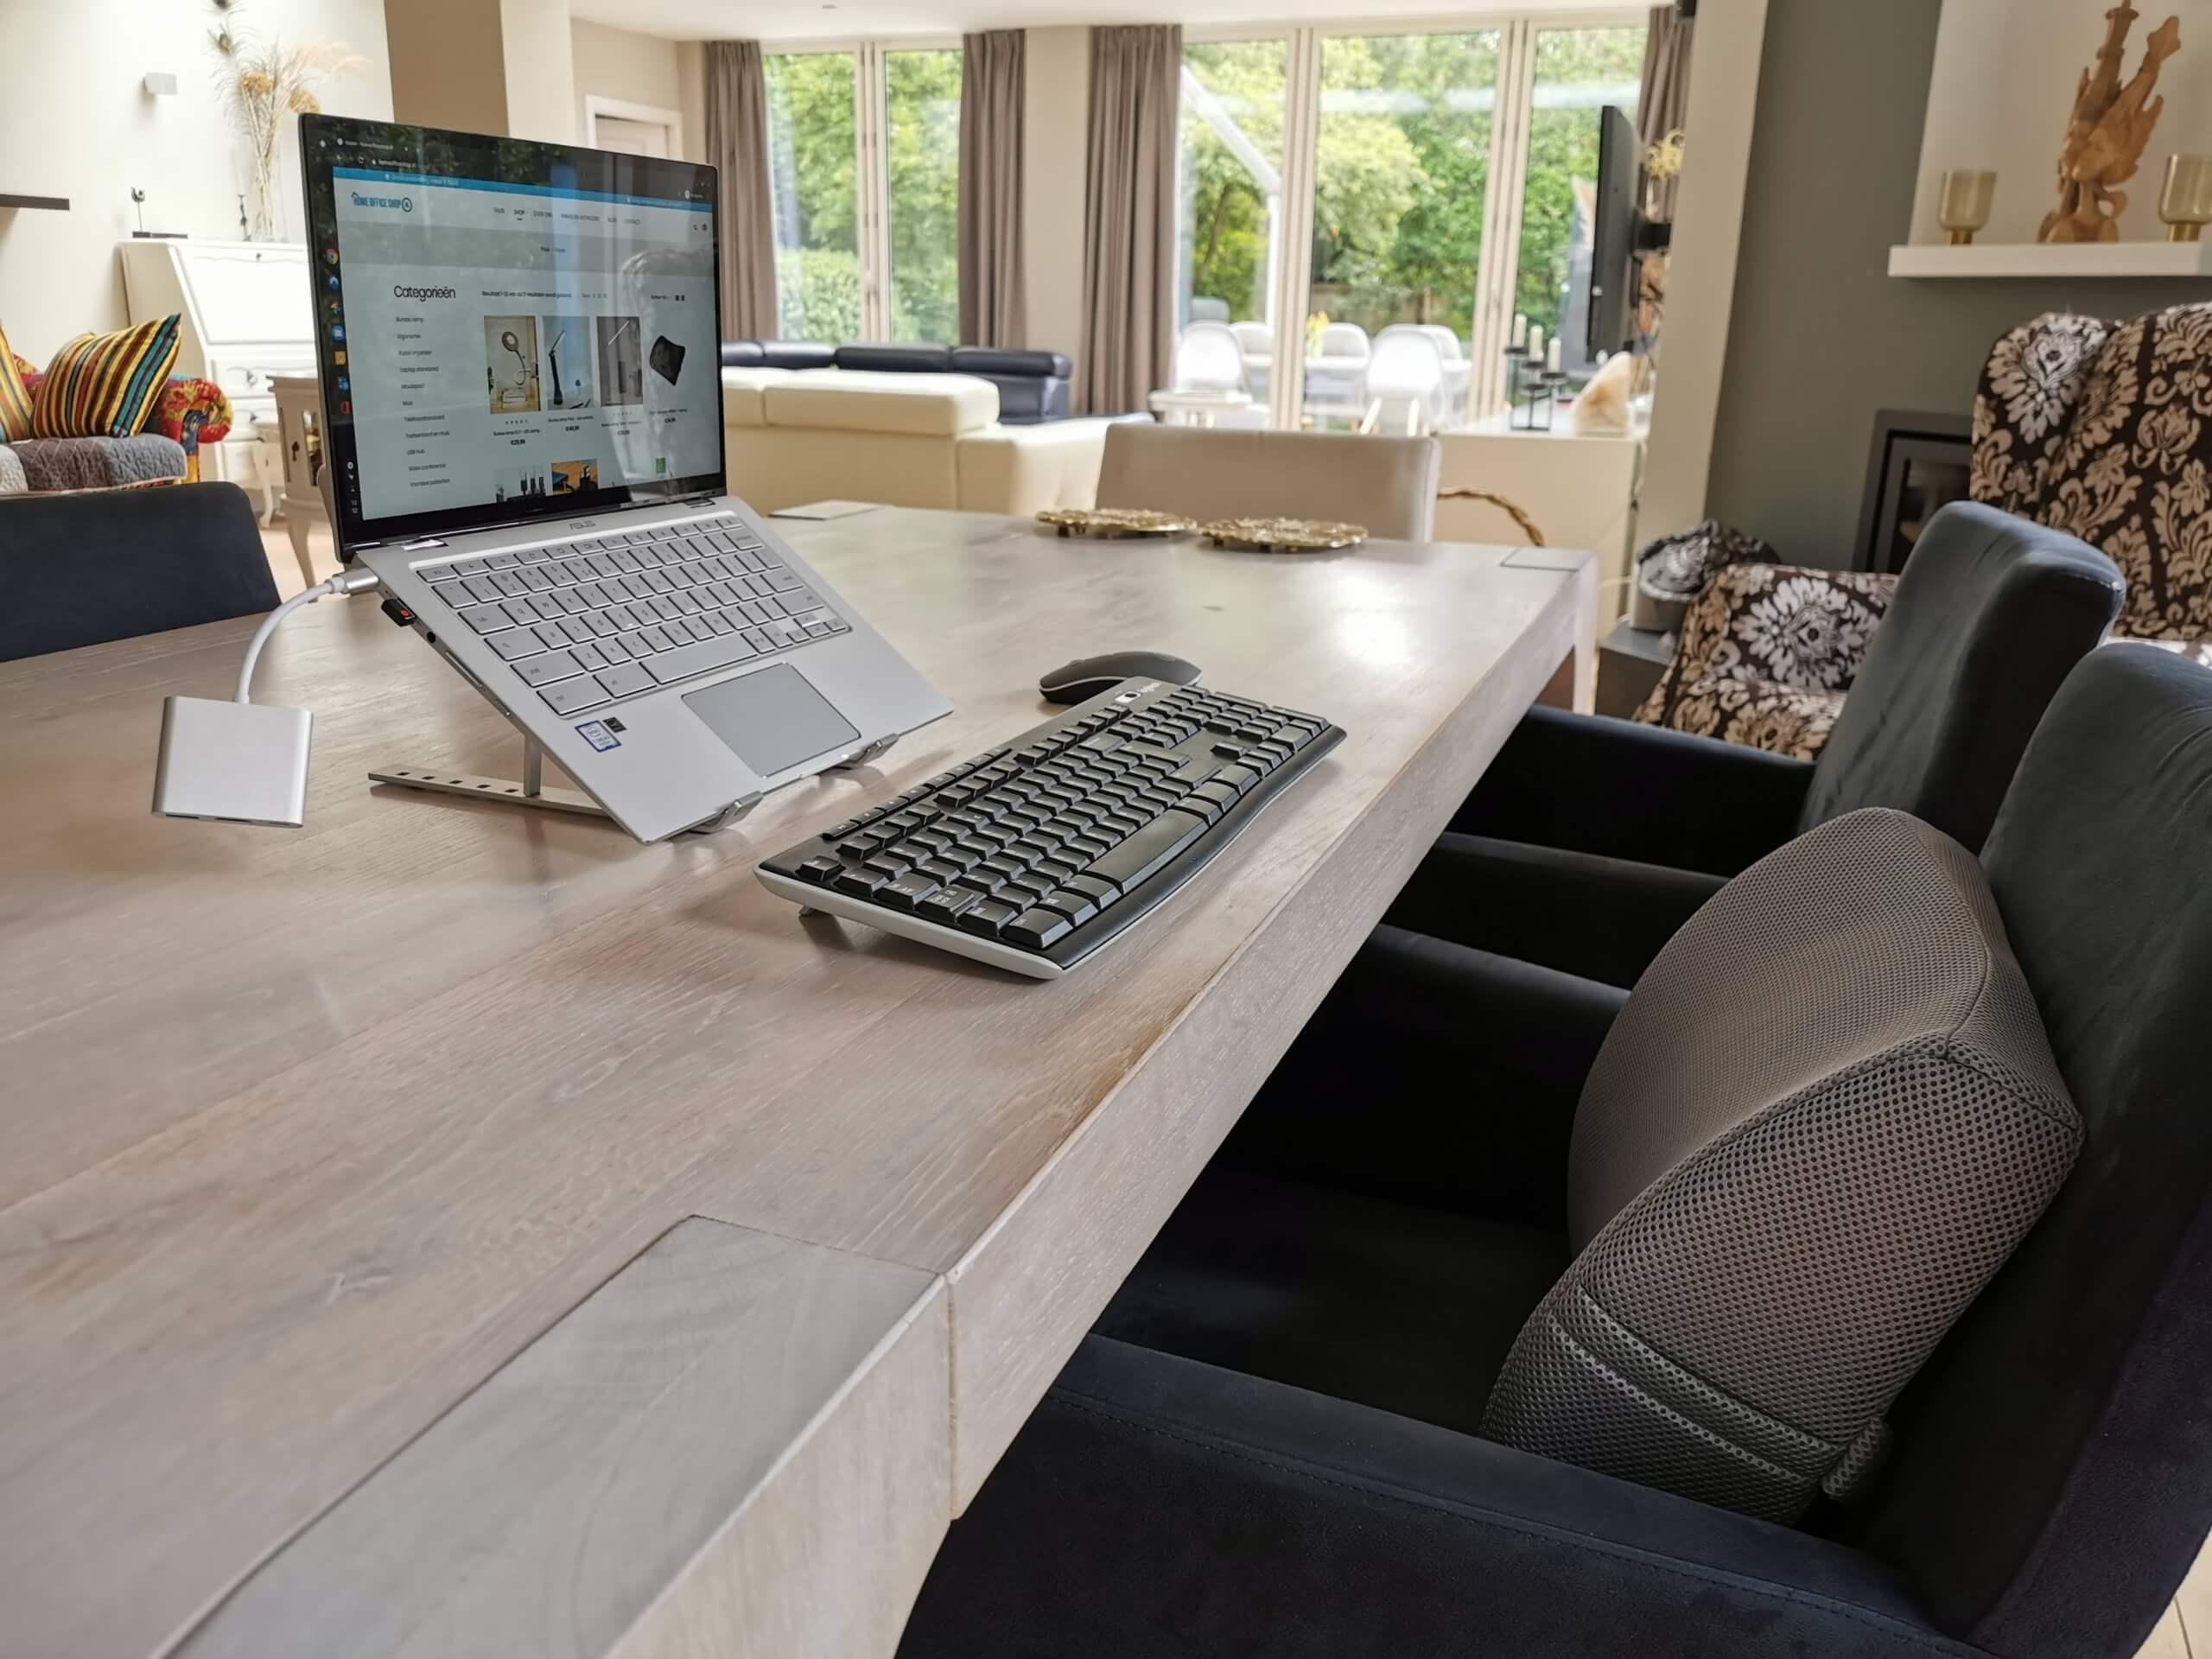 thuiswerken en video conferencing zijn blijvertjes